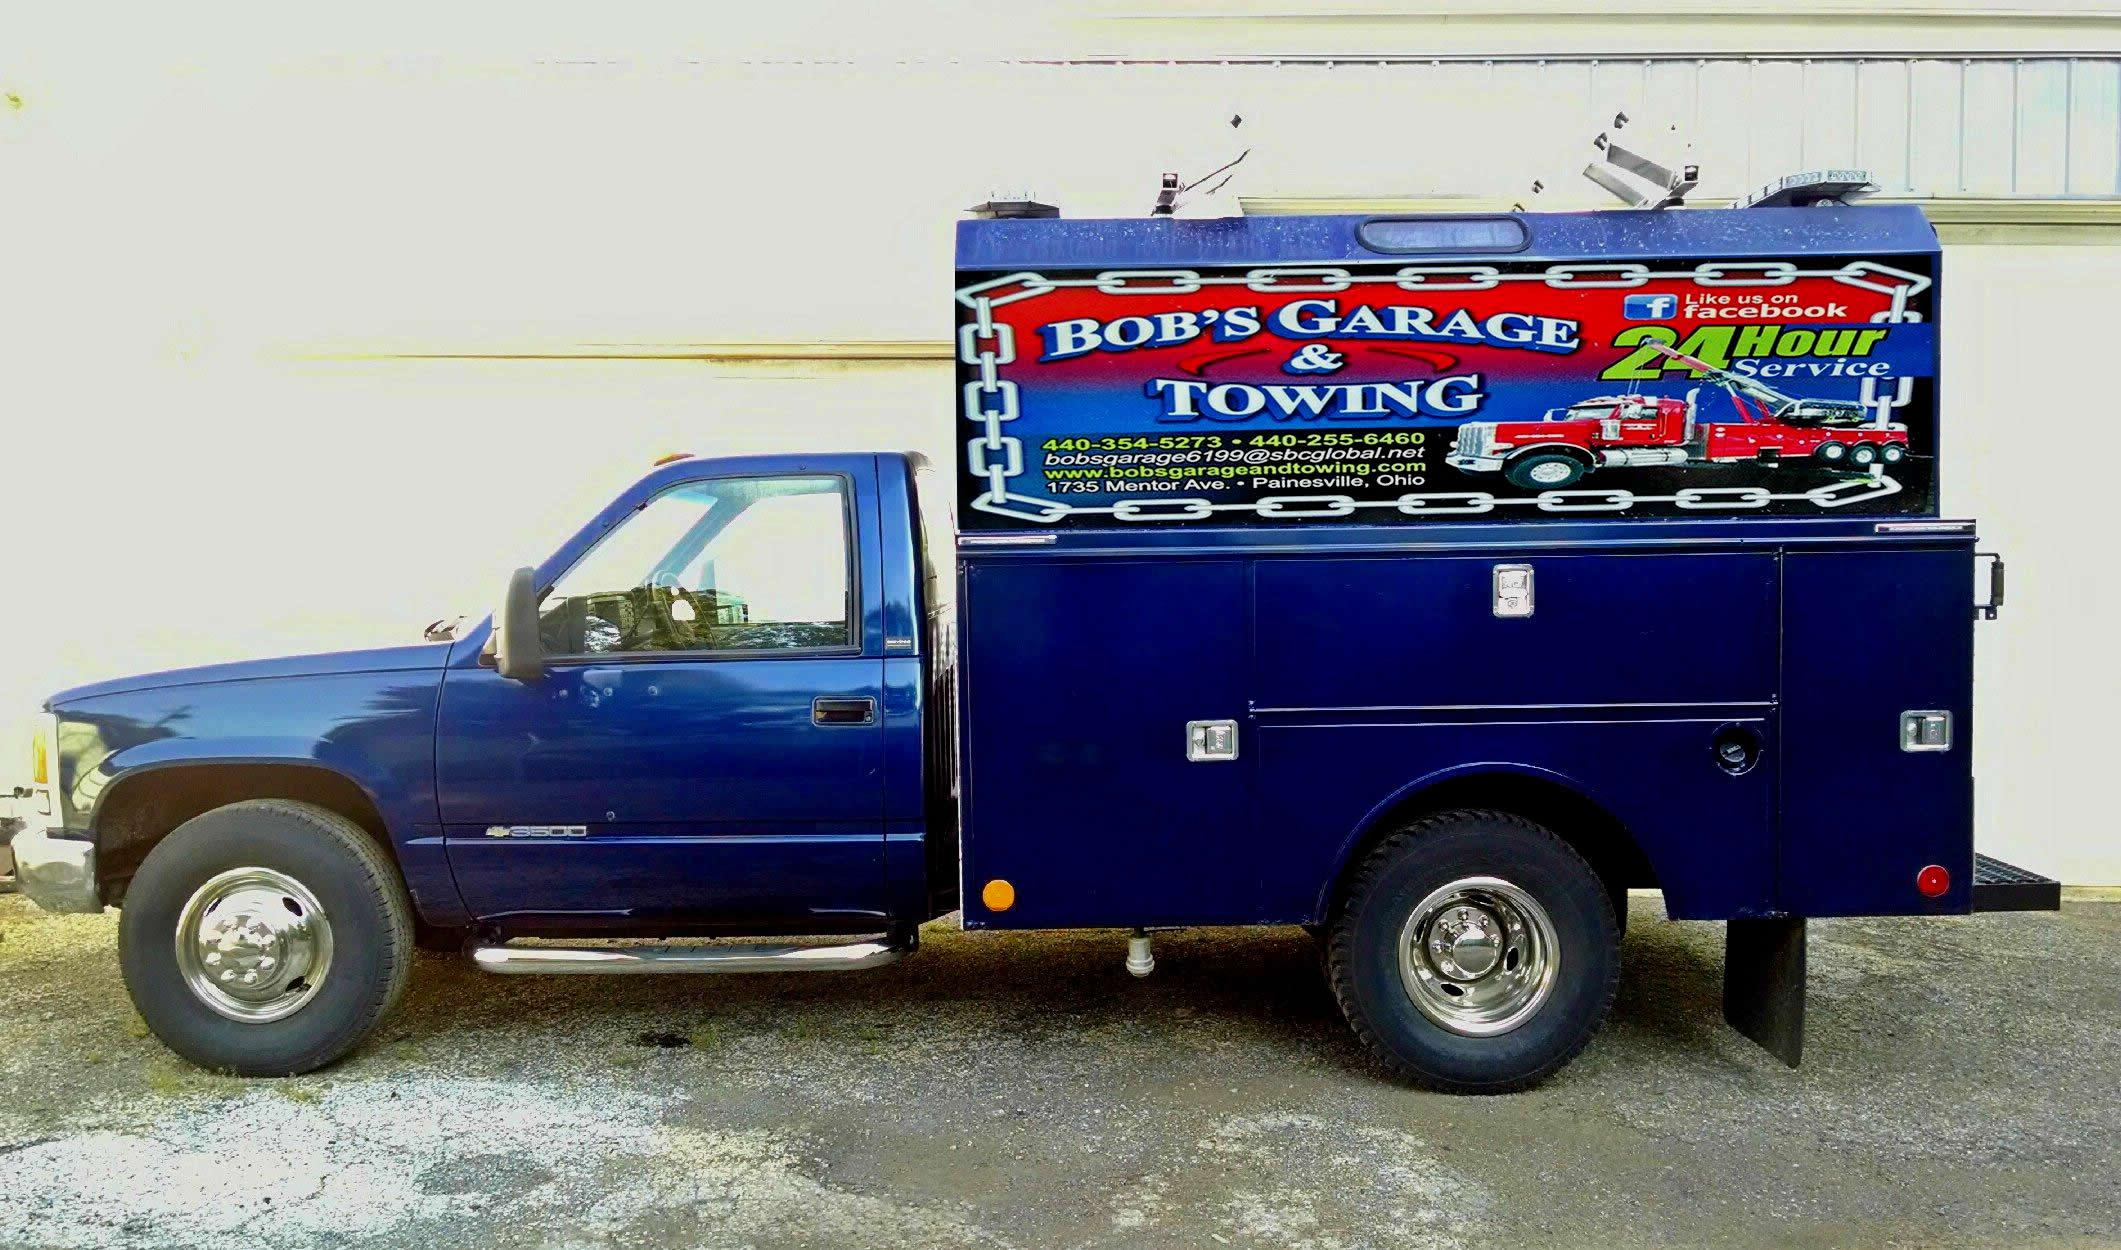 Bob's Garage & Towing